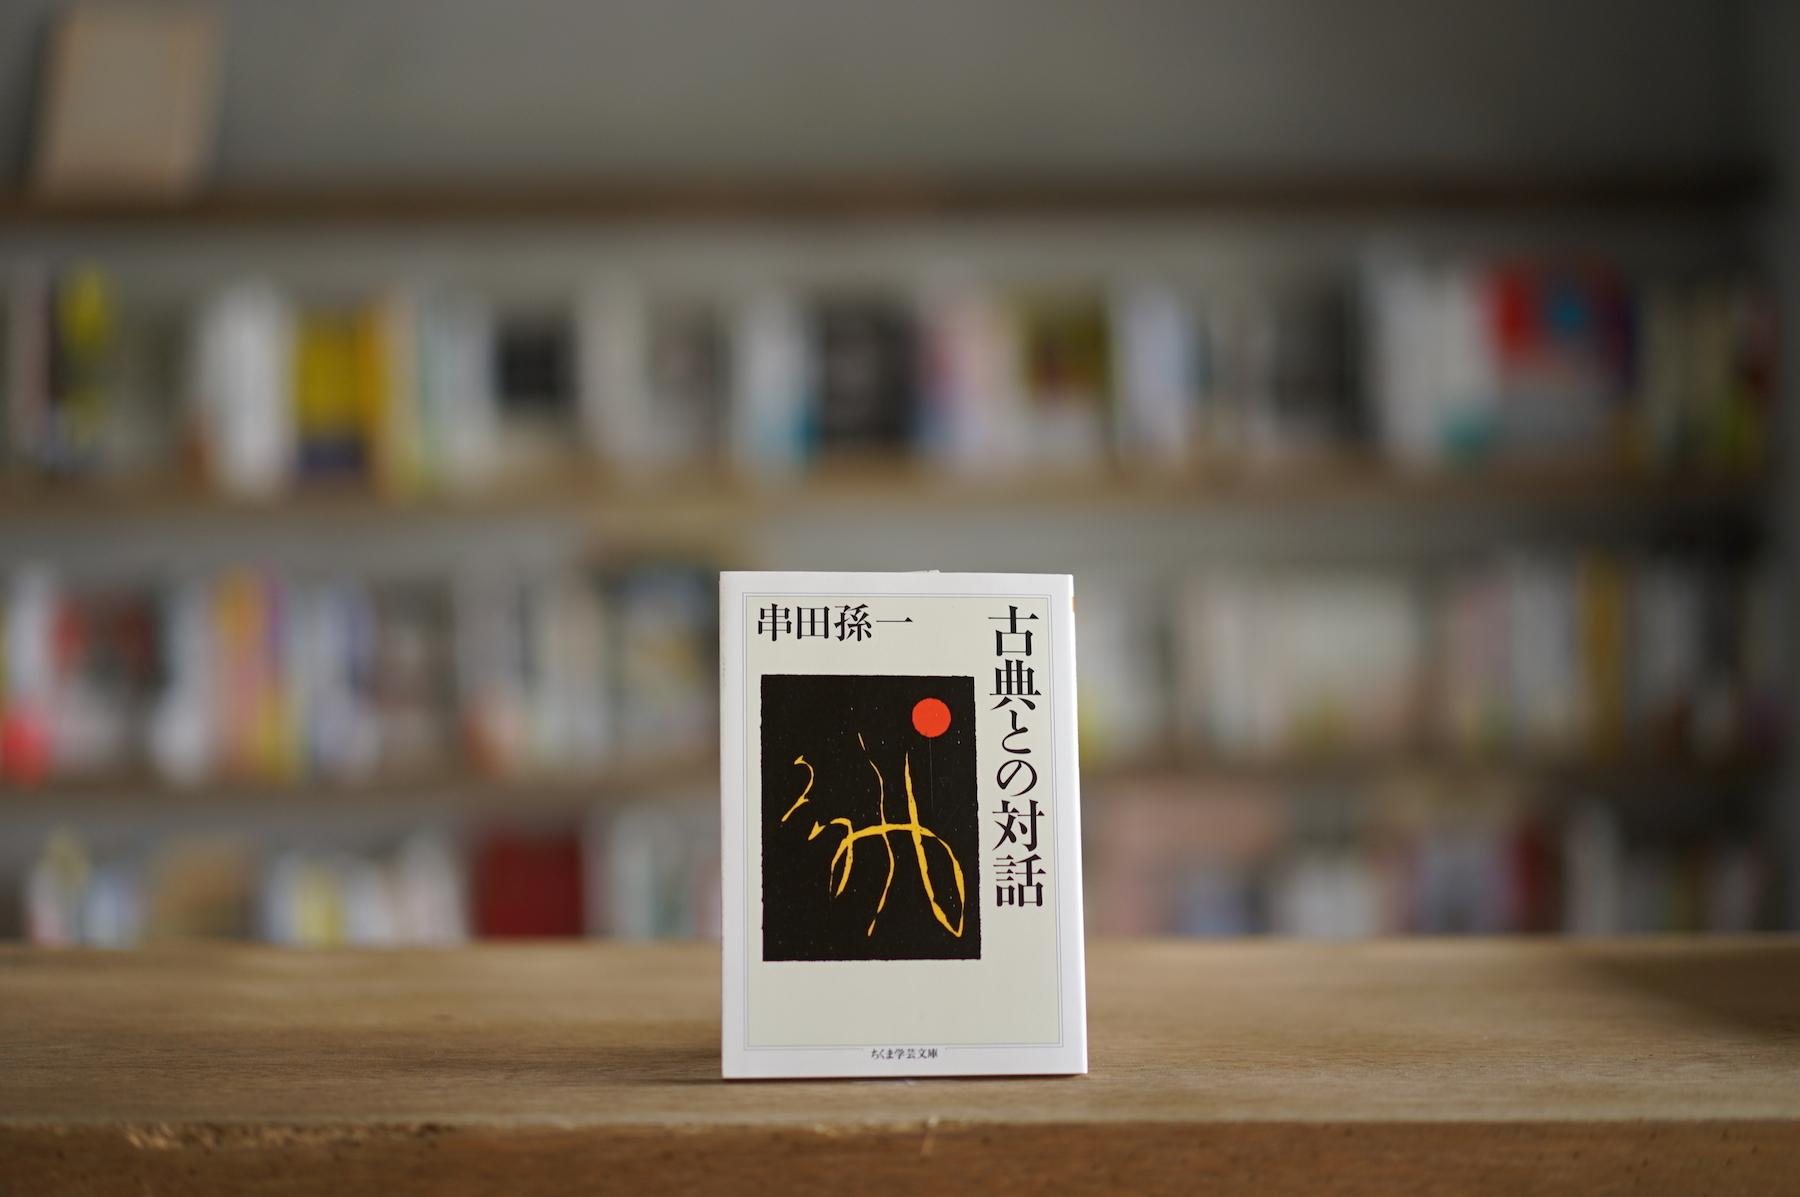 串田孫一 『古典との対話』 (筑摩書房、2012)